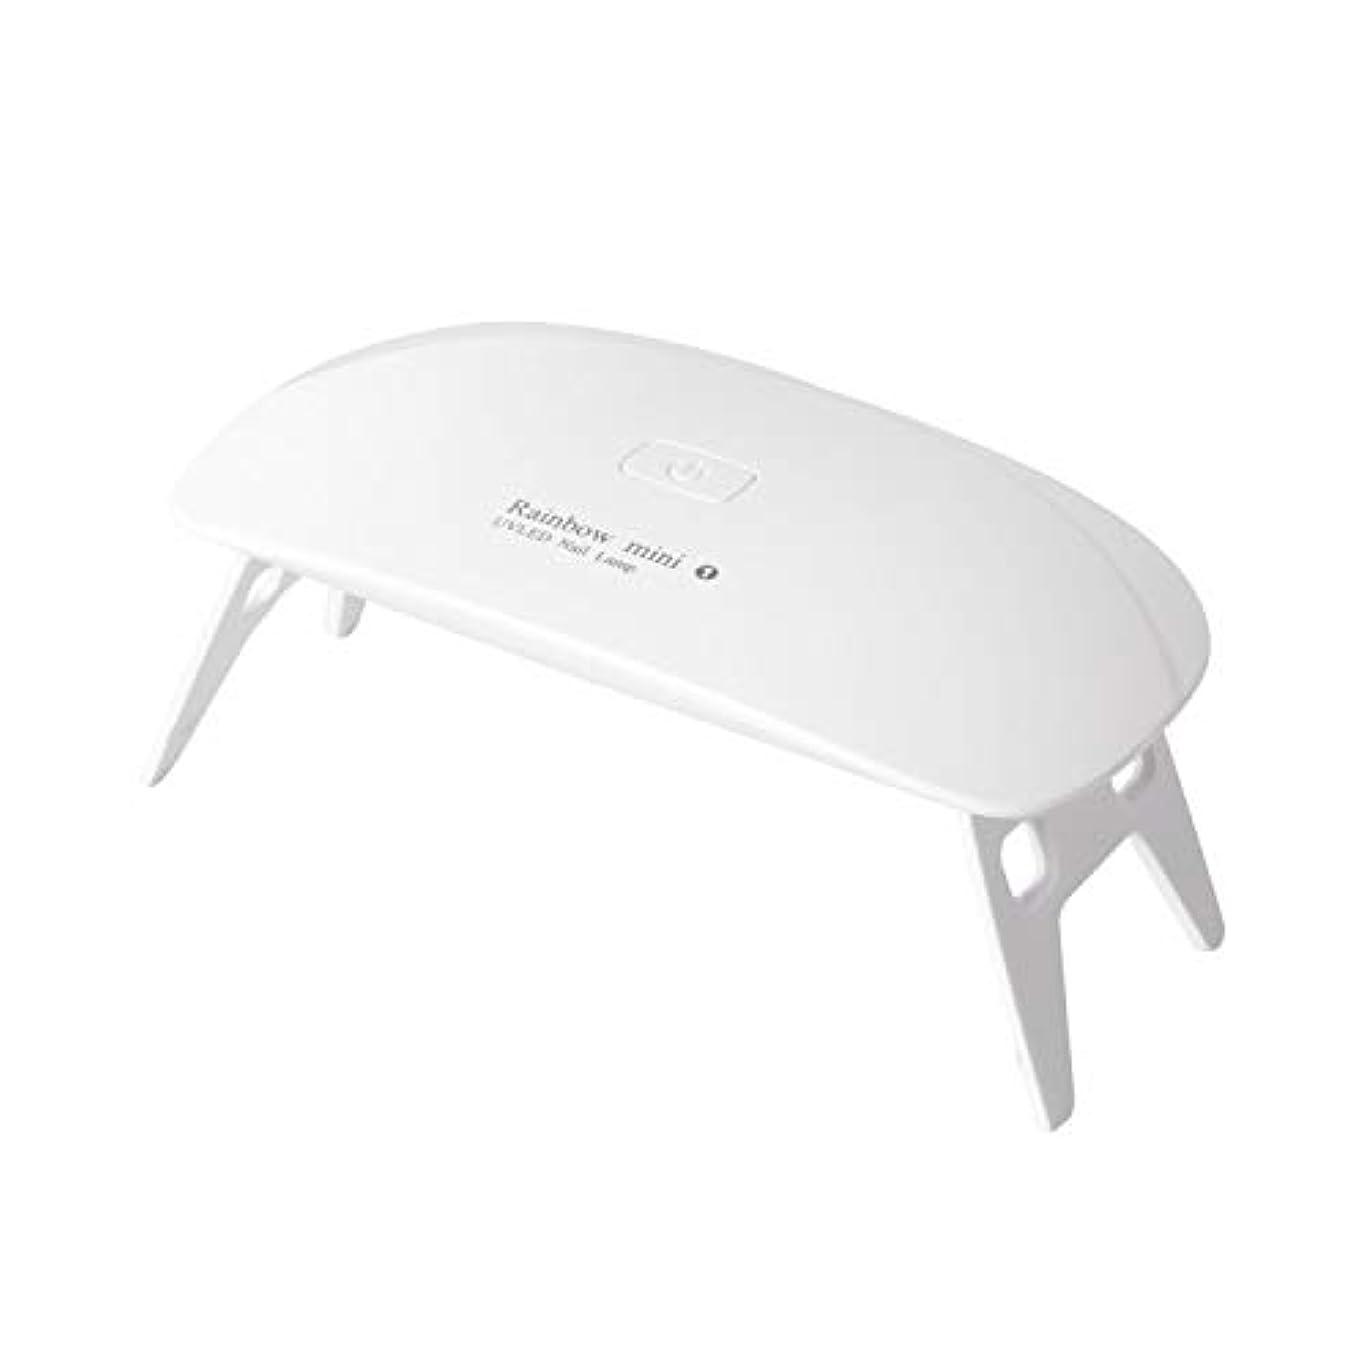 アミューズスムーズに巨大なLEDネイルドライヤー AmoVee UVライト 硬化用UVライト タイマー設定可能 折りたたみ式 ジェルネイル用 ホワイト